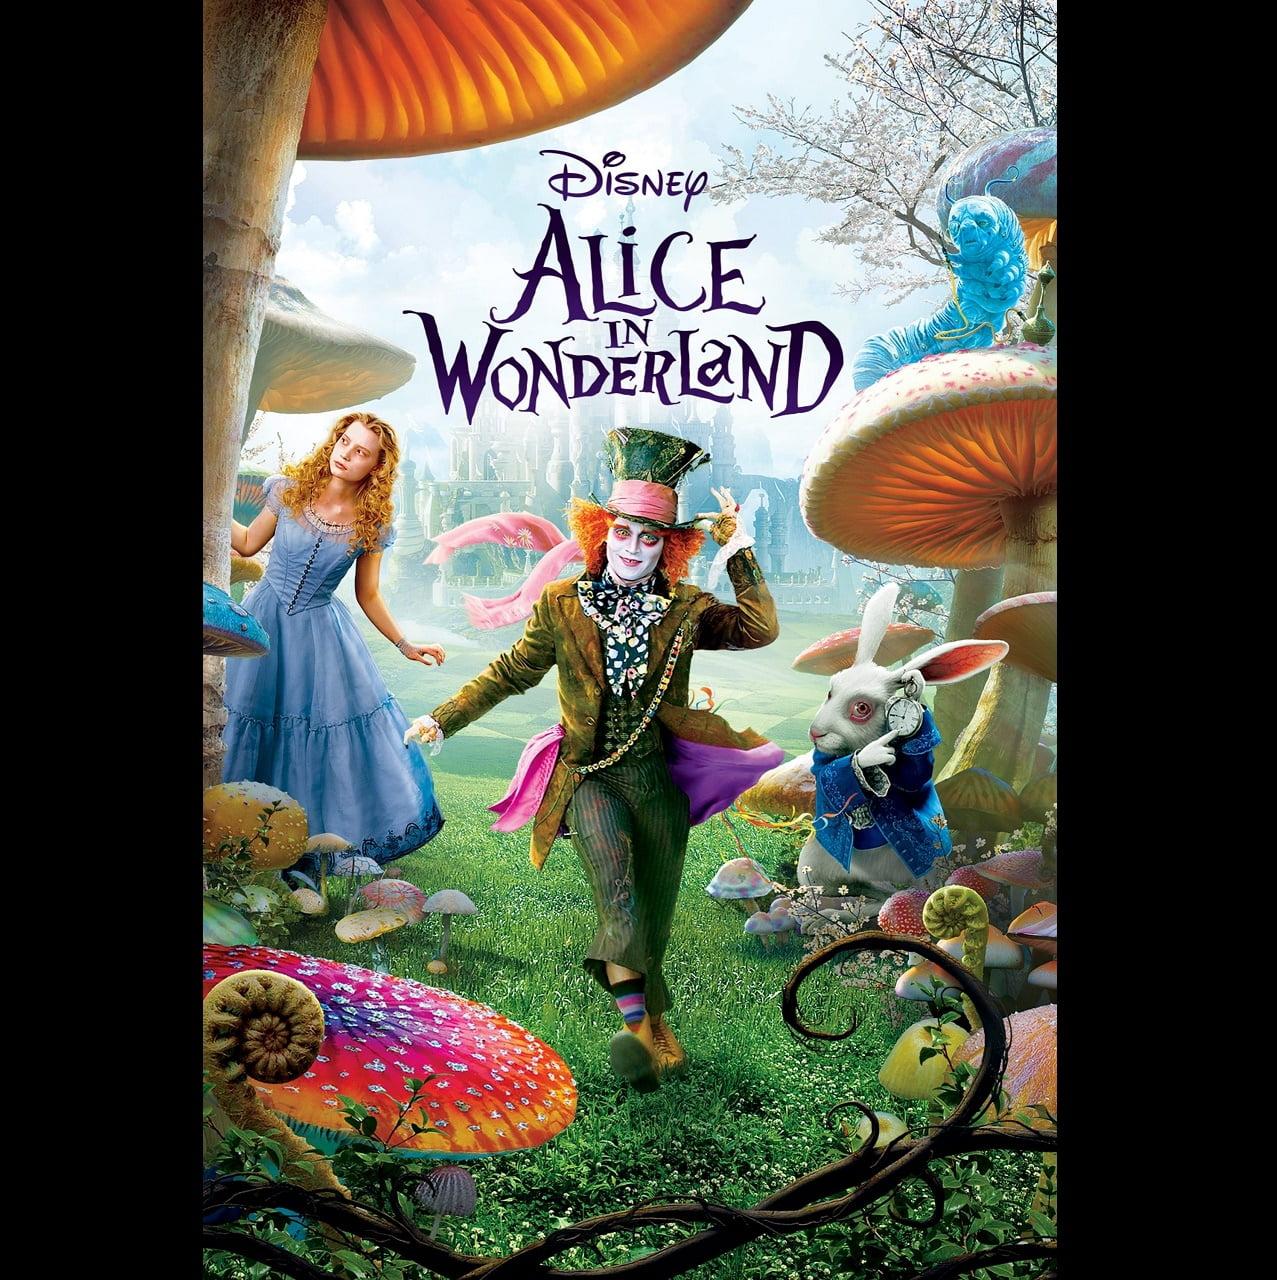 معرفی فیلم آلیس در سرزمین عجایب (Alice in Wonderland )